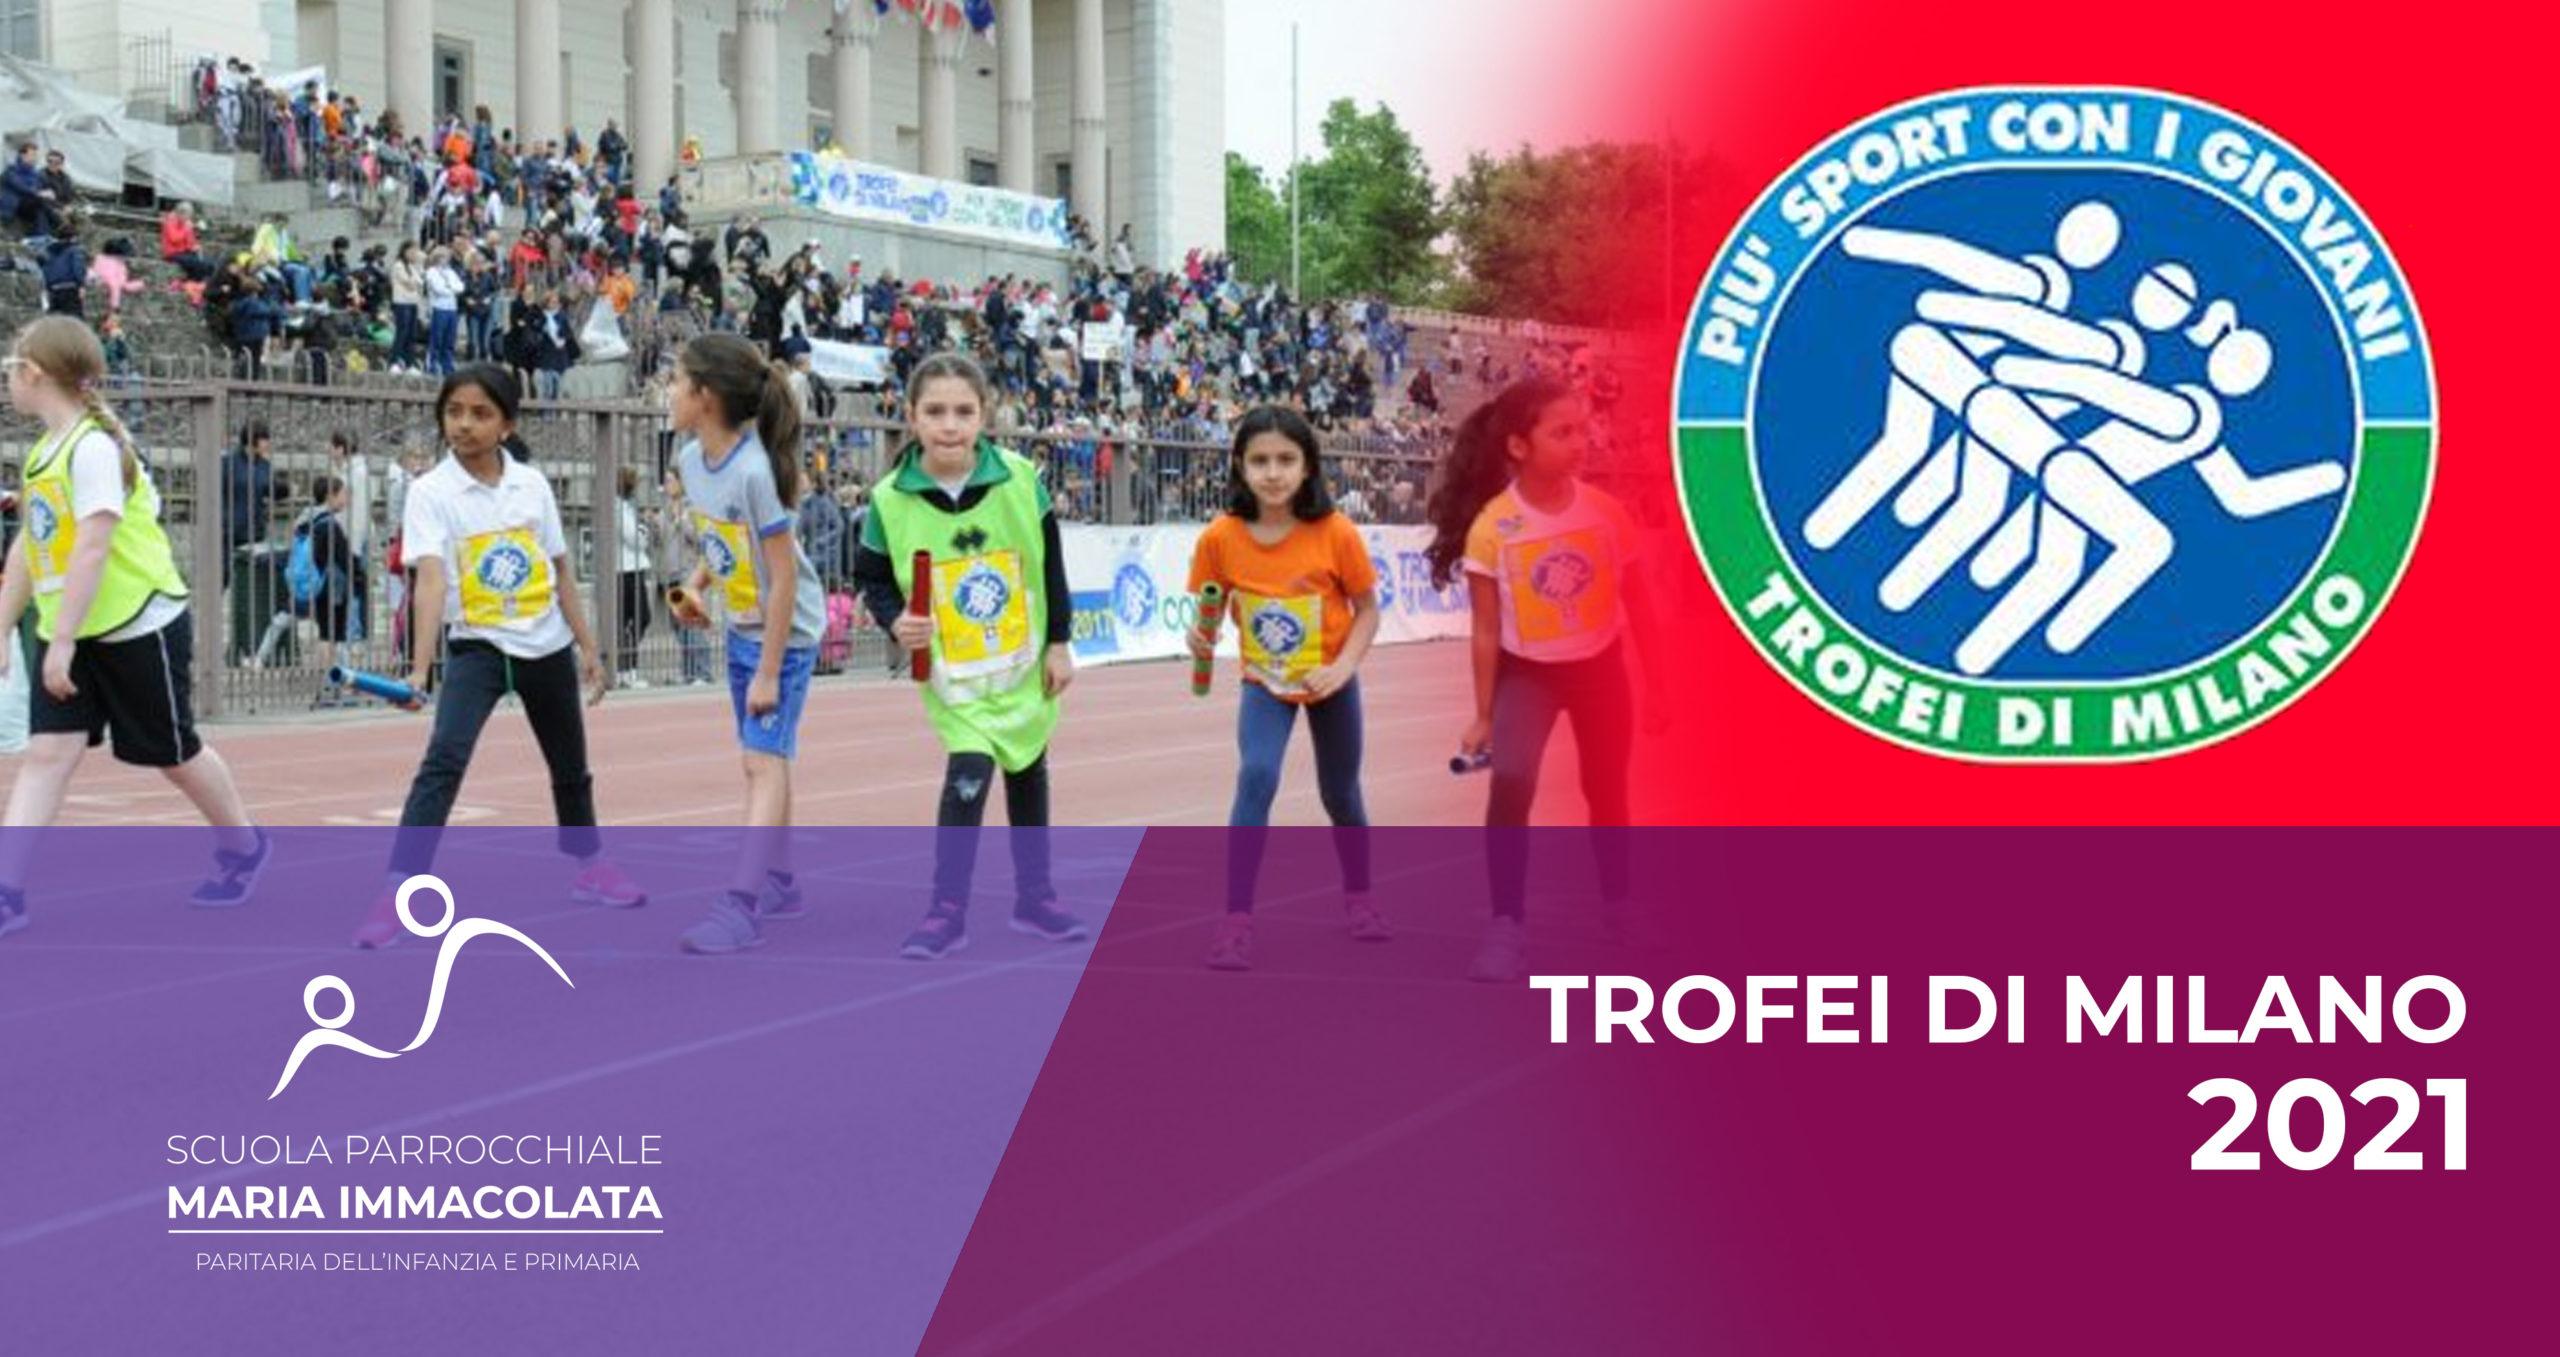 La nostra scuola ai Trofei di Milano 2021